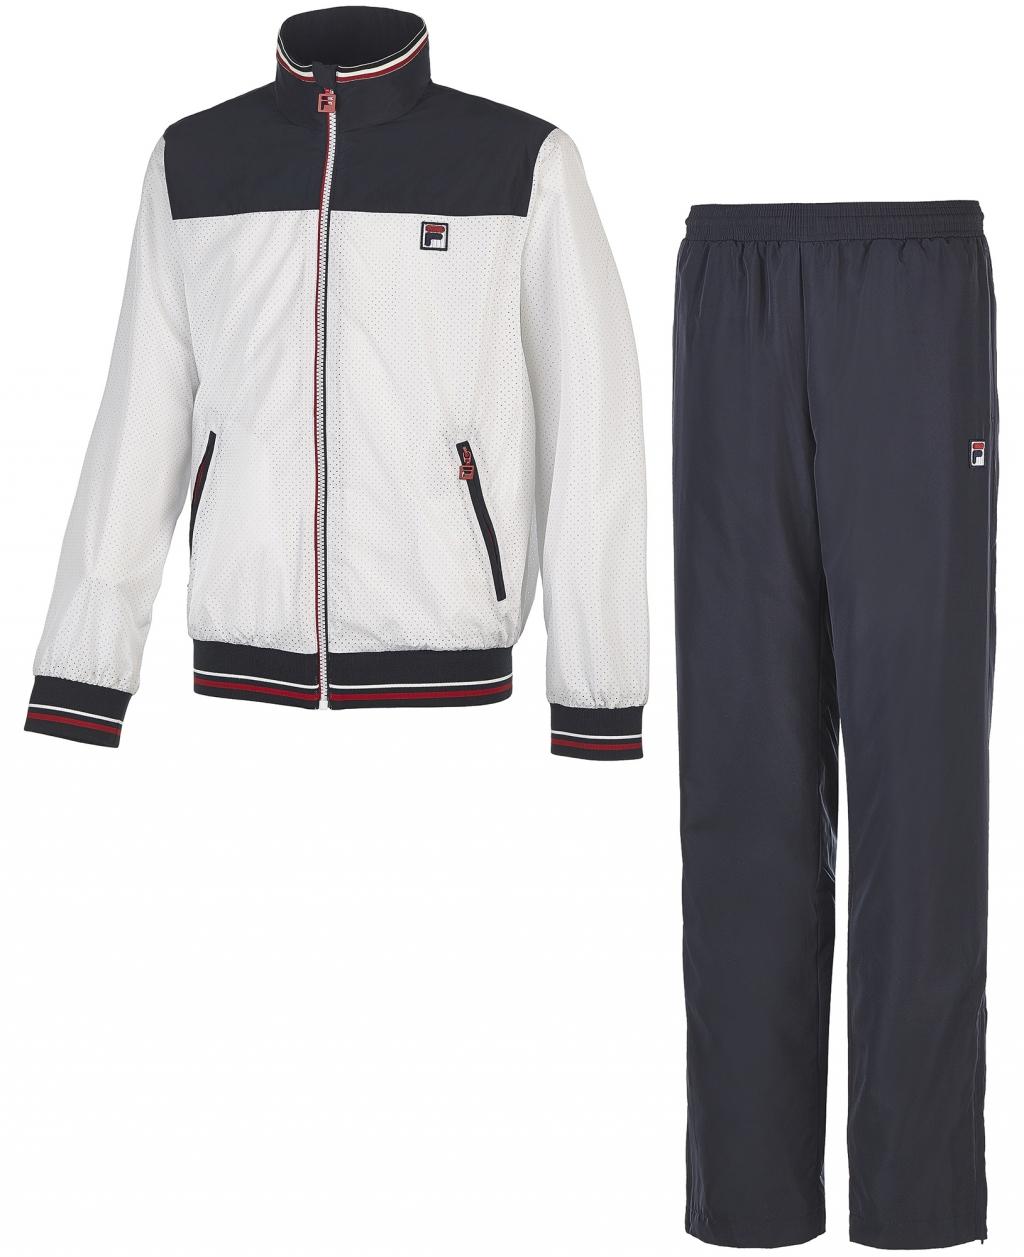 Спортивный костюм для мальчиков Fila AW15CLB003-68 купить со скидкой ... 4b8b9465fe7